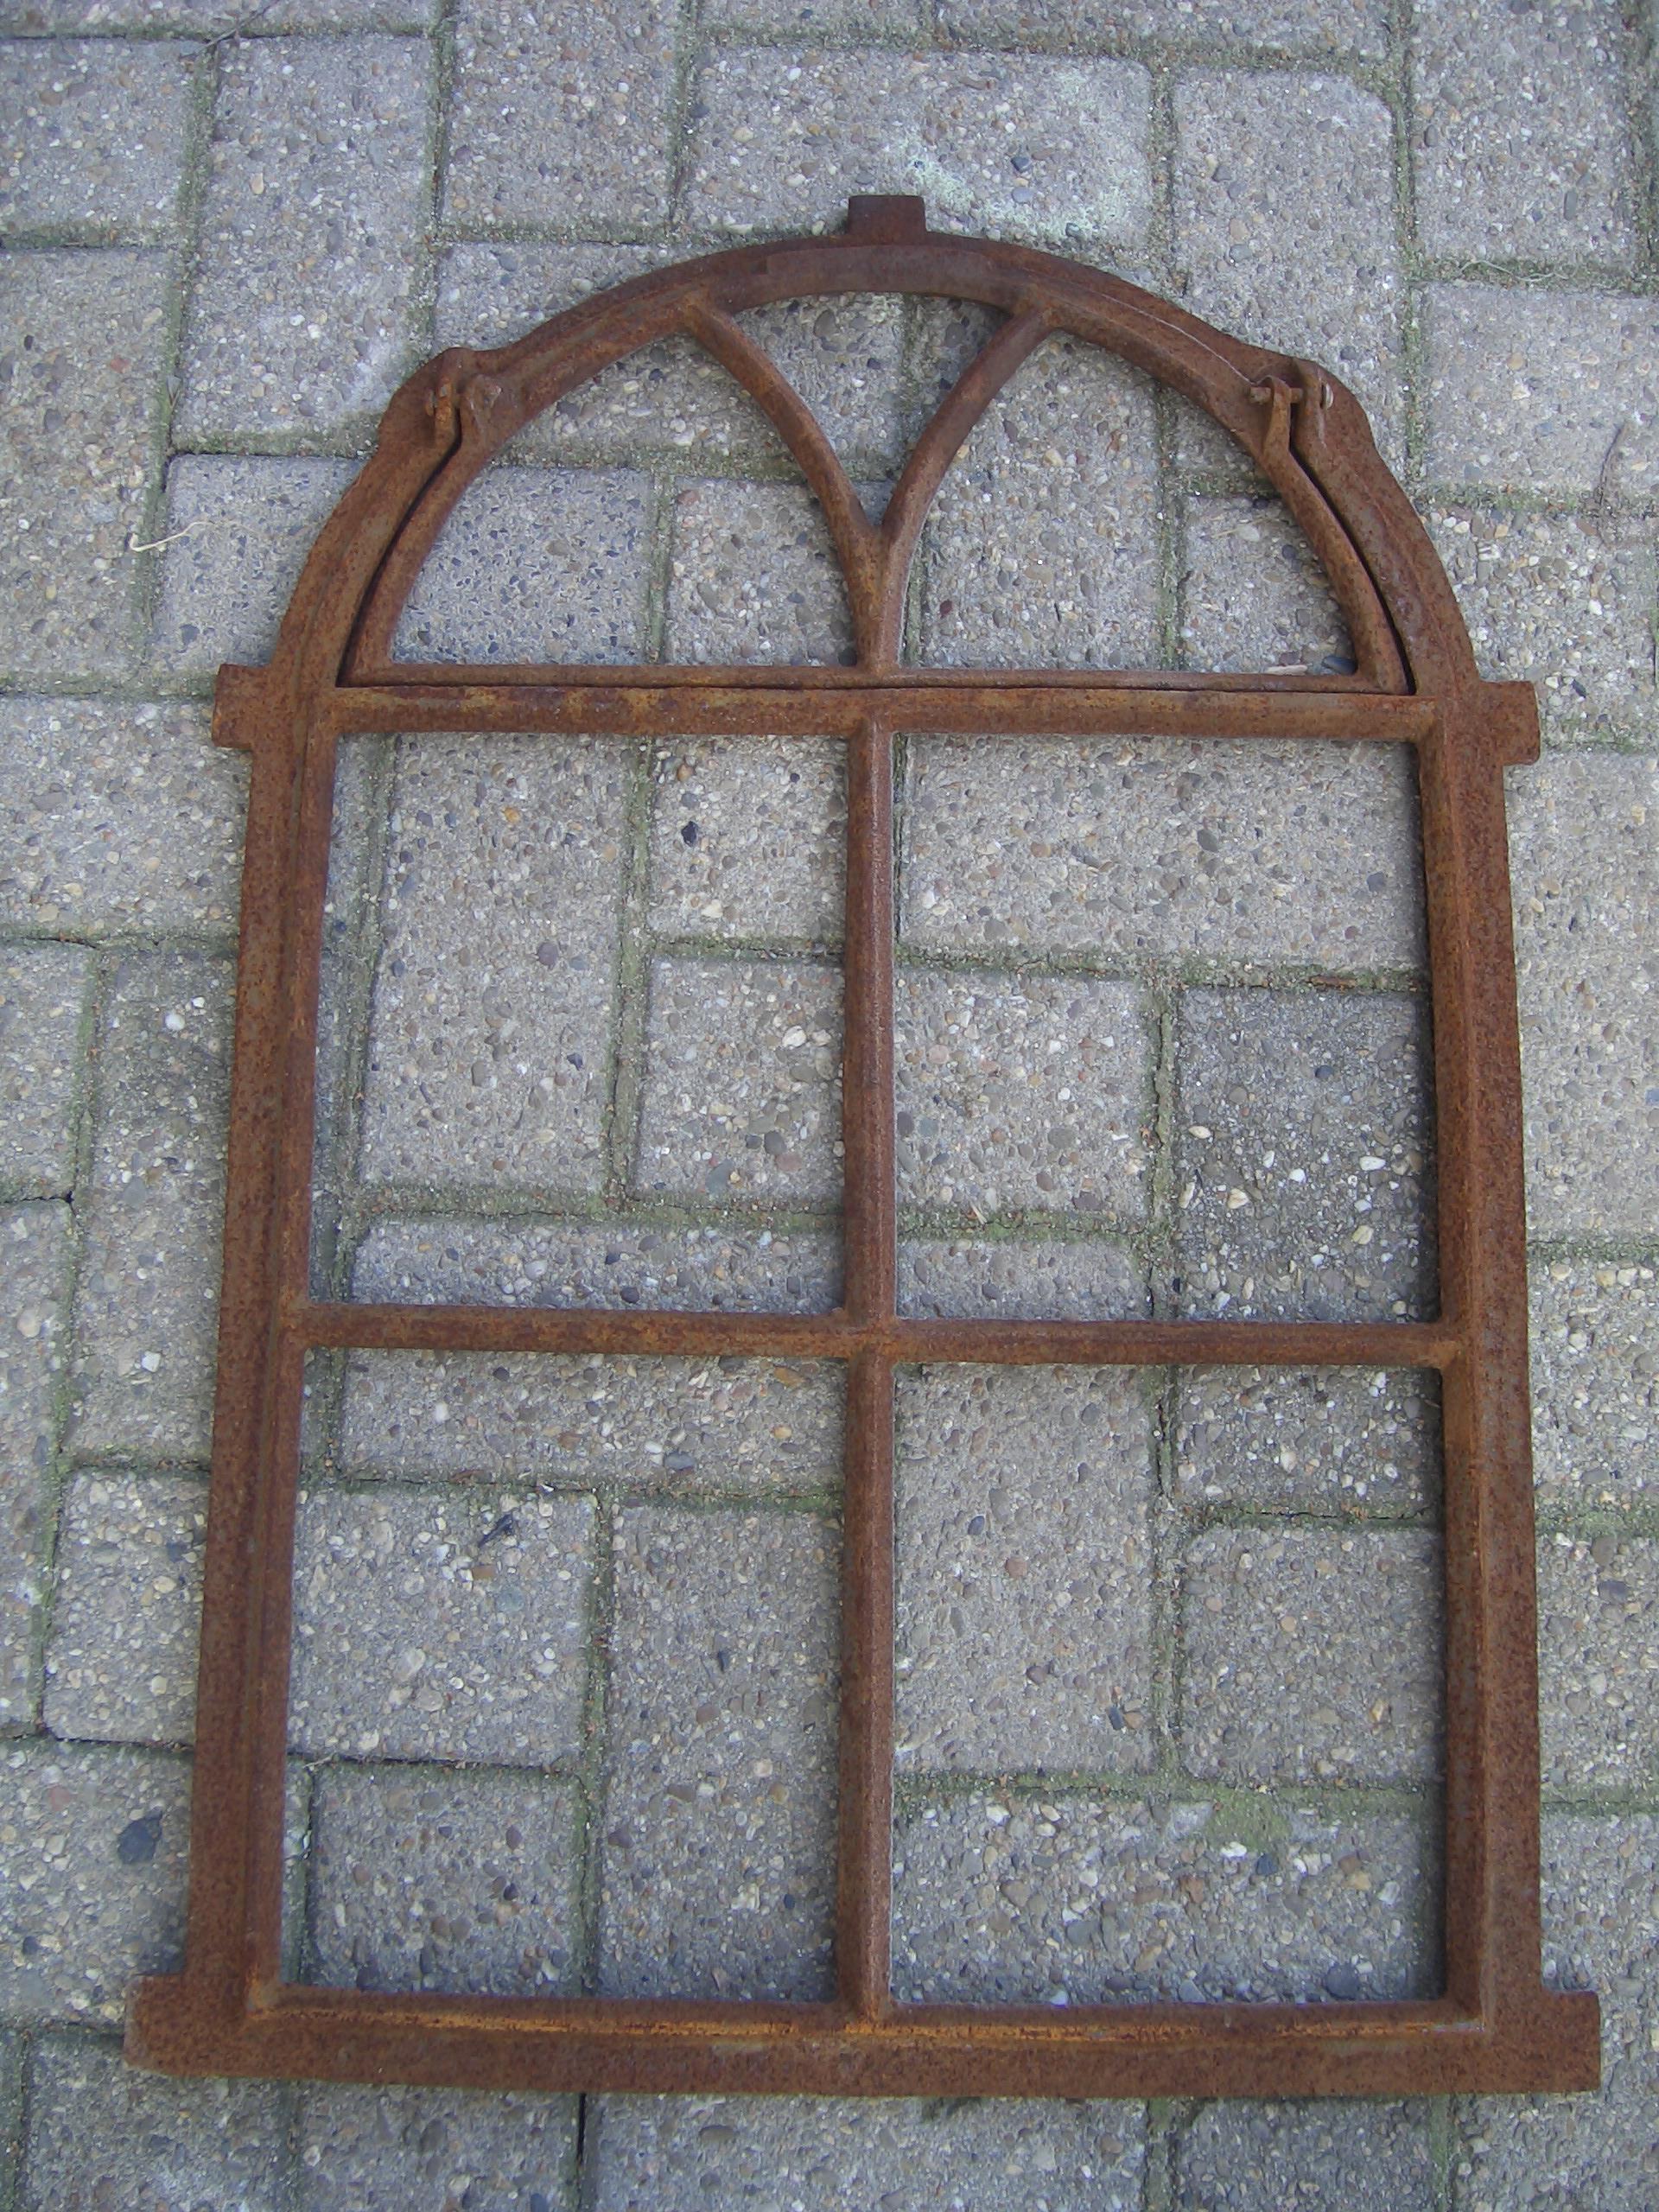 Fenster Stallfenster Gartenmauer in Rostoptik Gussfenster,Eisenfenster